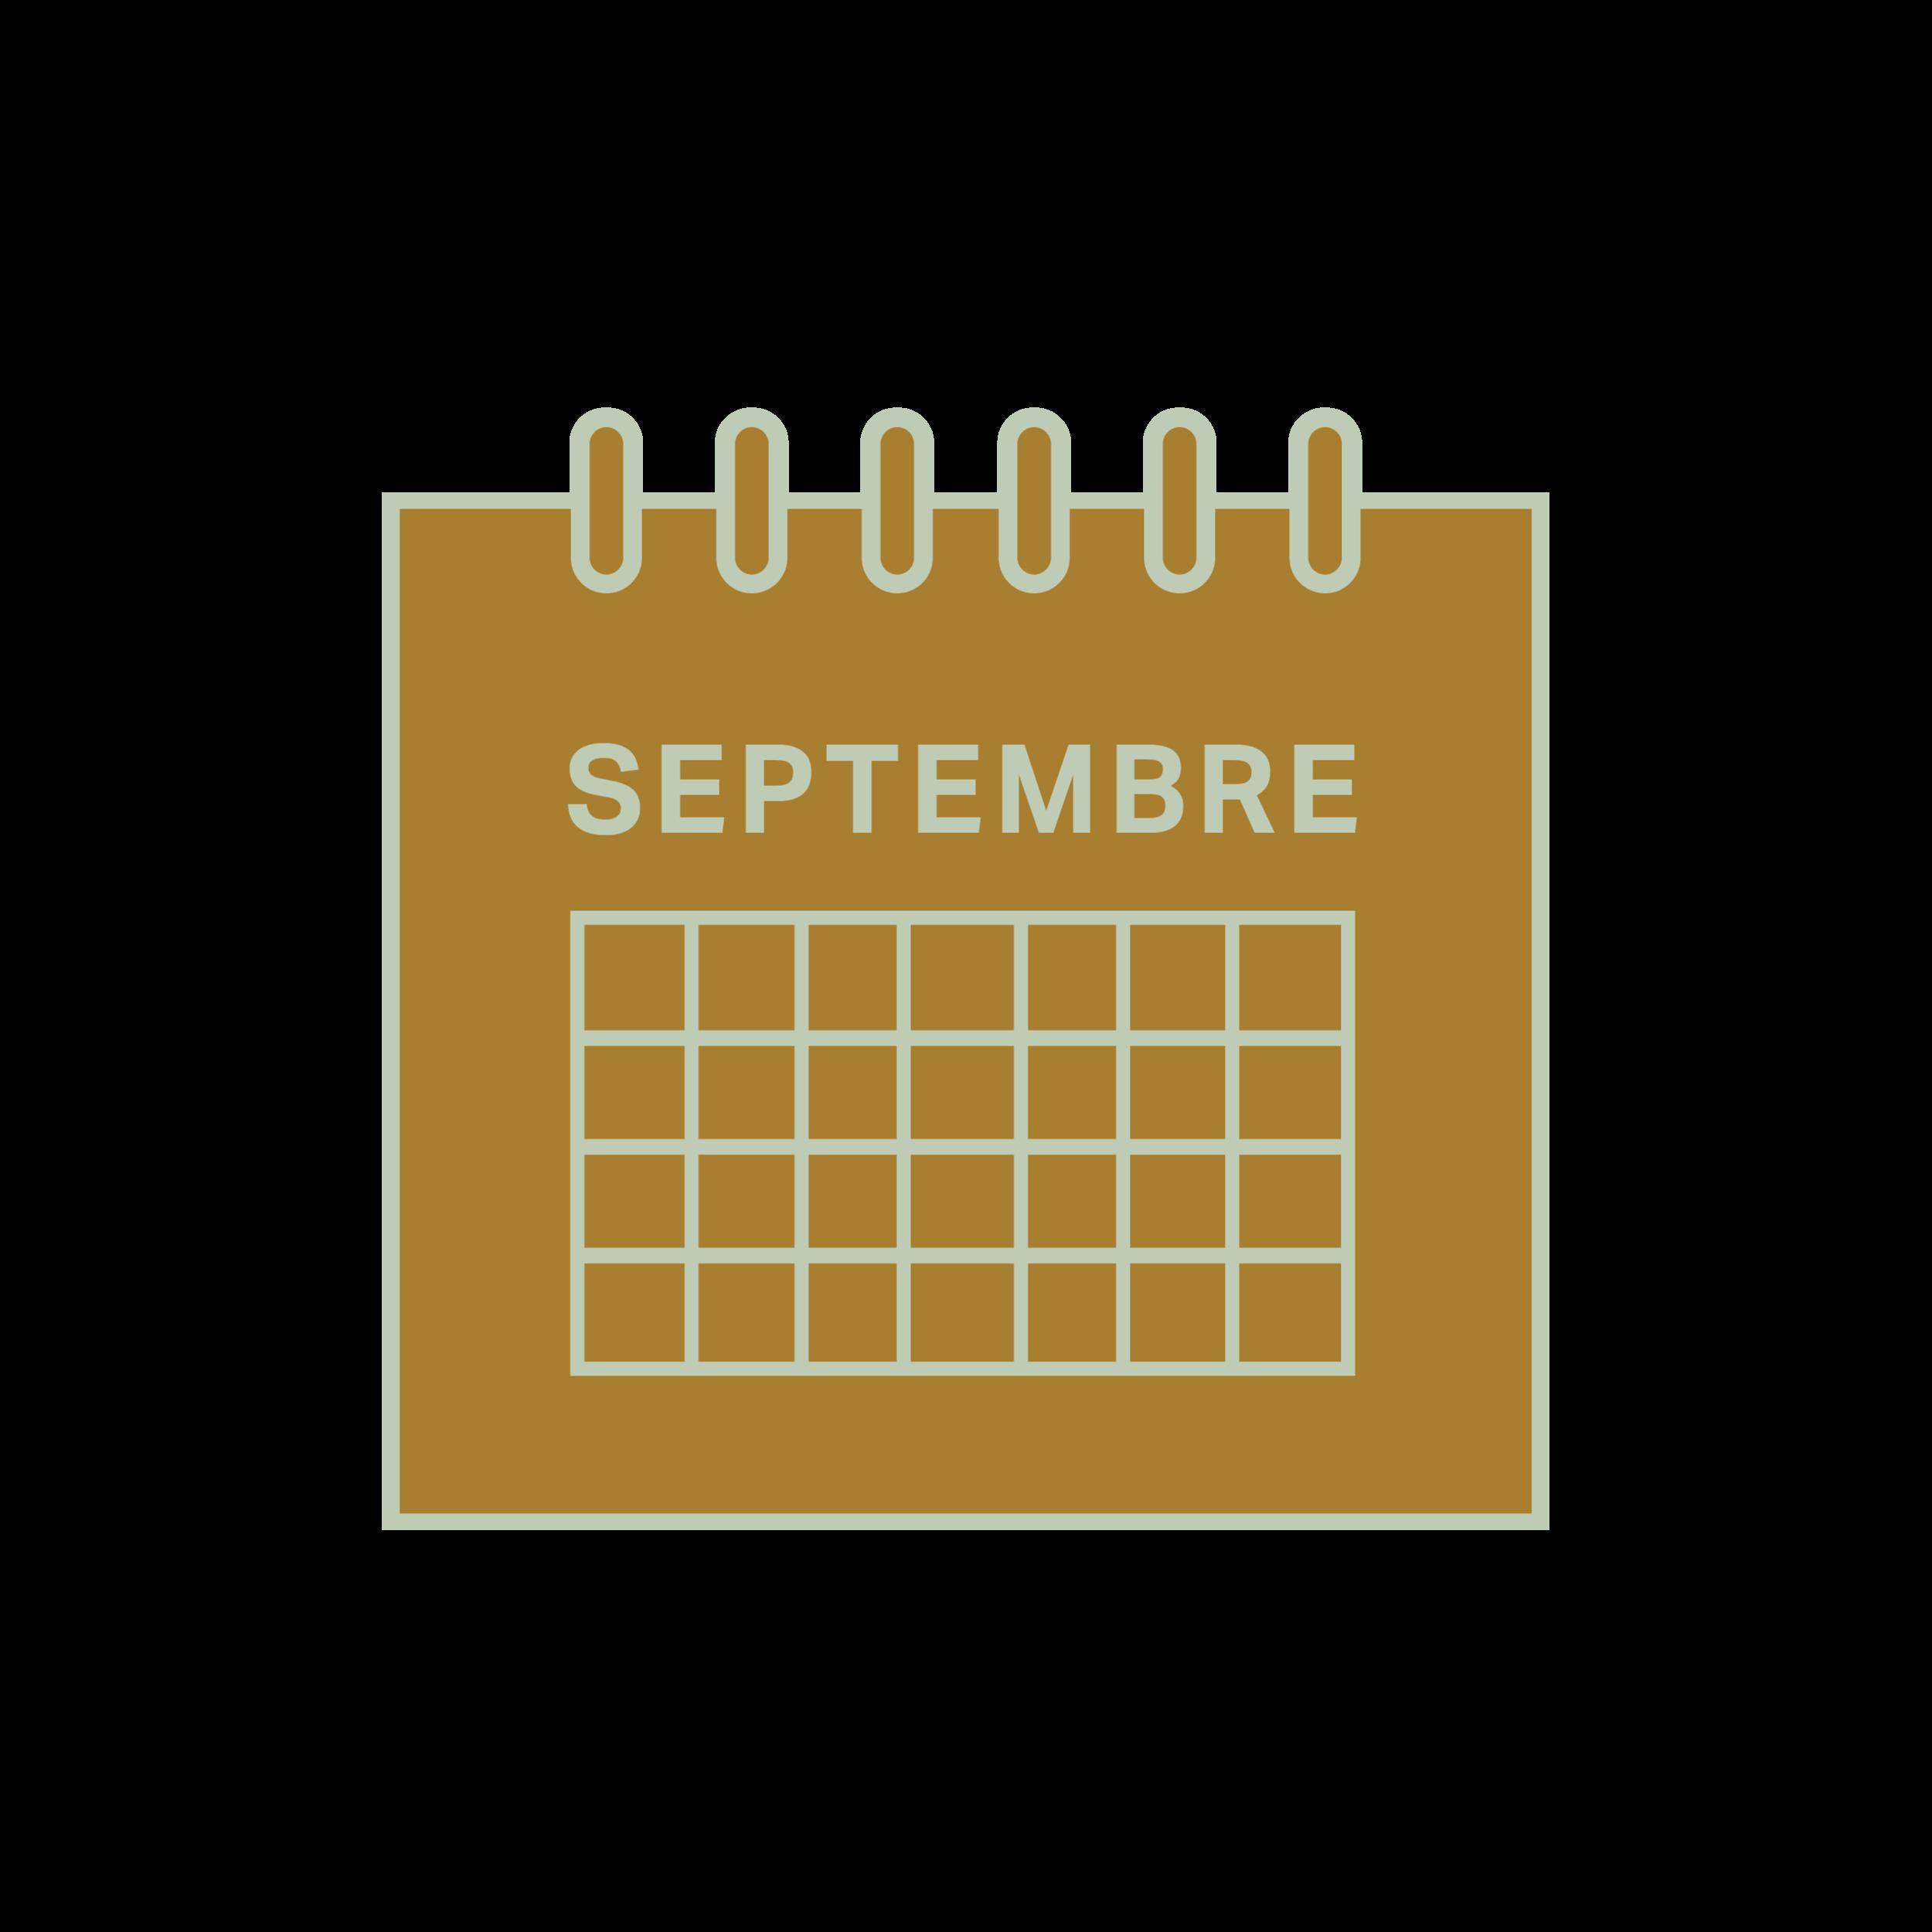 3.   Être disponible aux dates suivantes : 9, 10, 16 et 17 septembre.